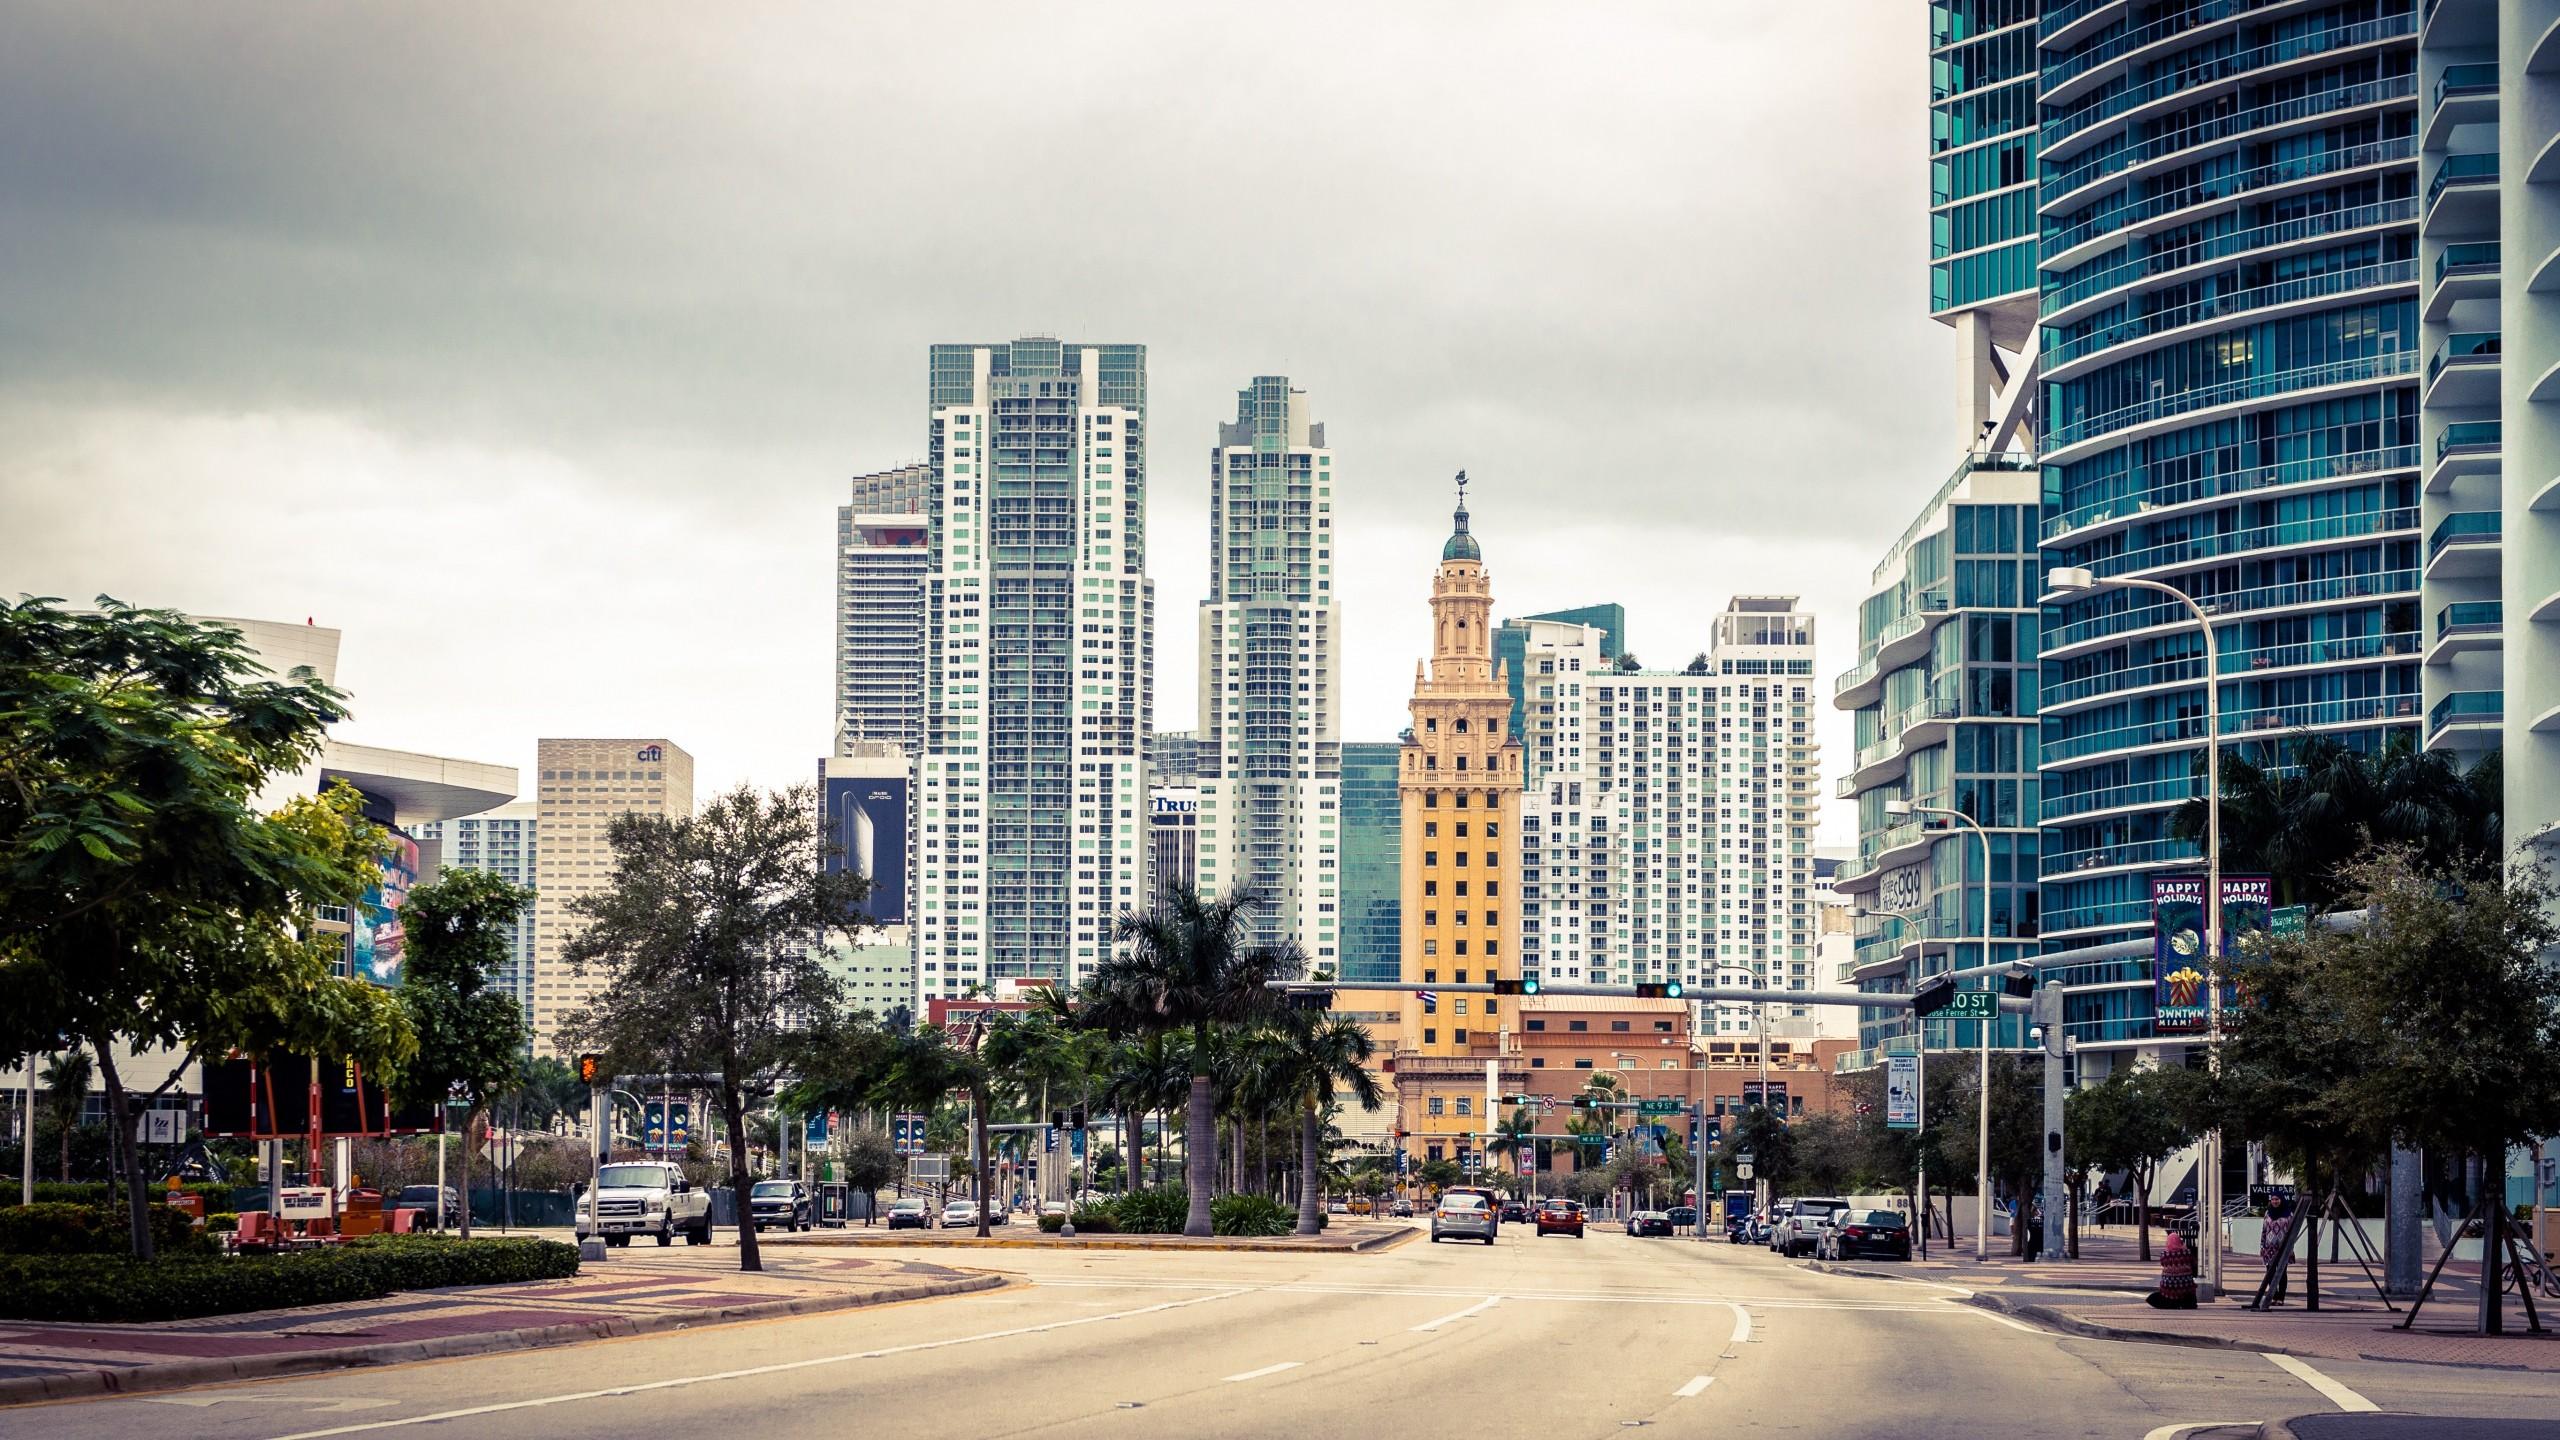 Wallpaper miami, florida, usa, skyscraper, street